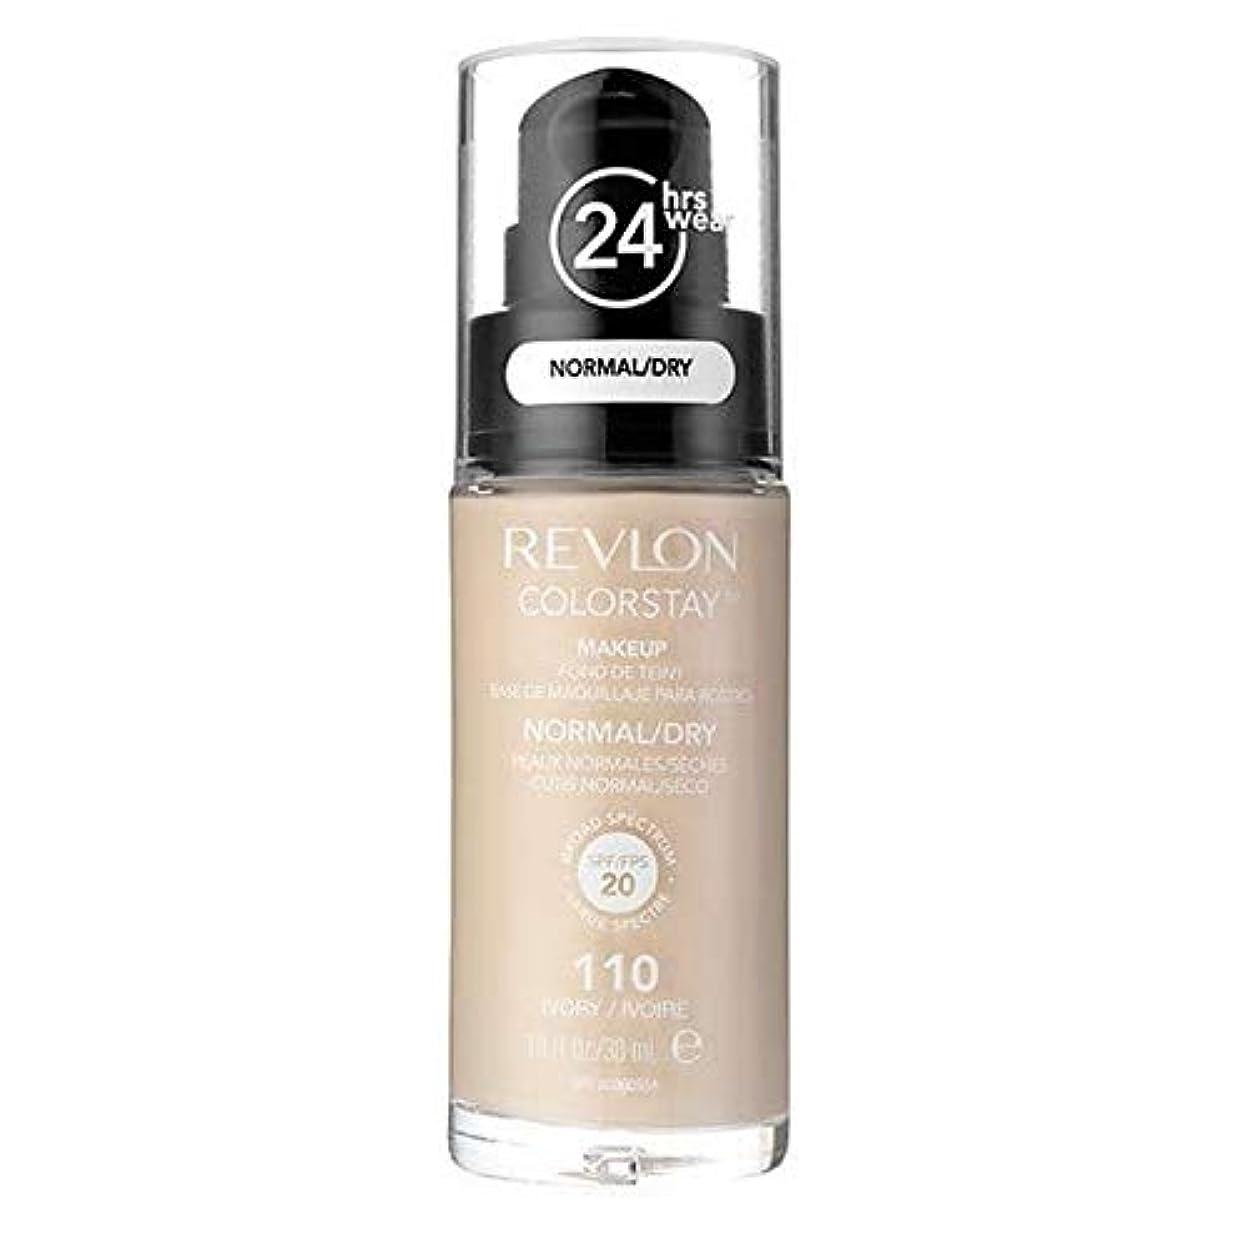 聴覚叫ぶ医薬[Revlon ] レブロンカラーステイ基盤ノルム/ドライアイボリー30ミリリットル - Revlon Color Stay Foundation Norm/Dry Ivory 30ml [並行輸入品]